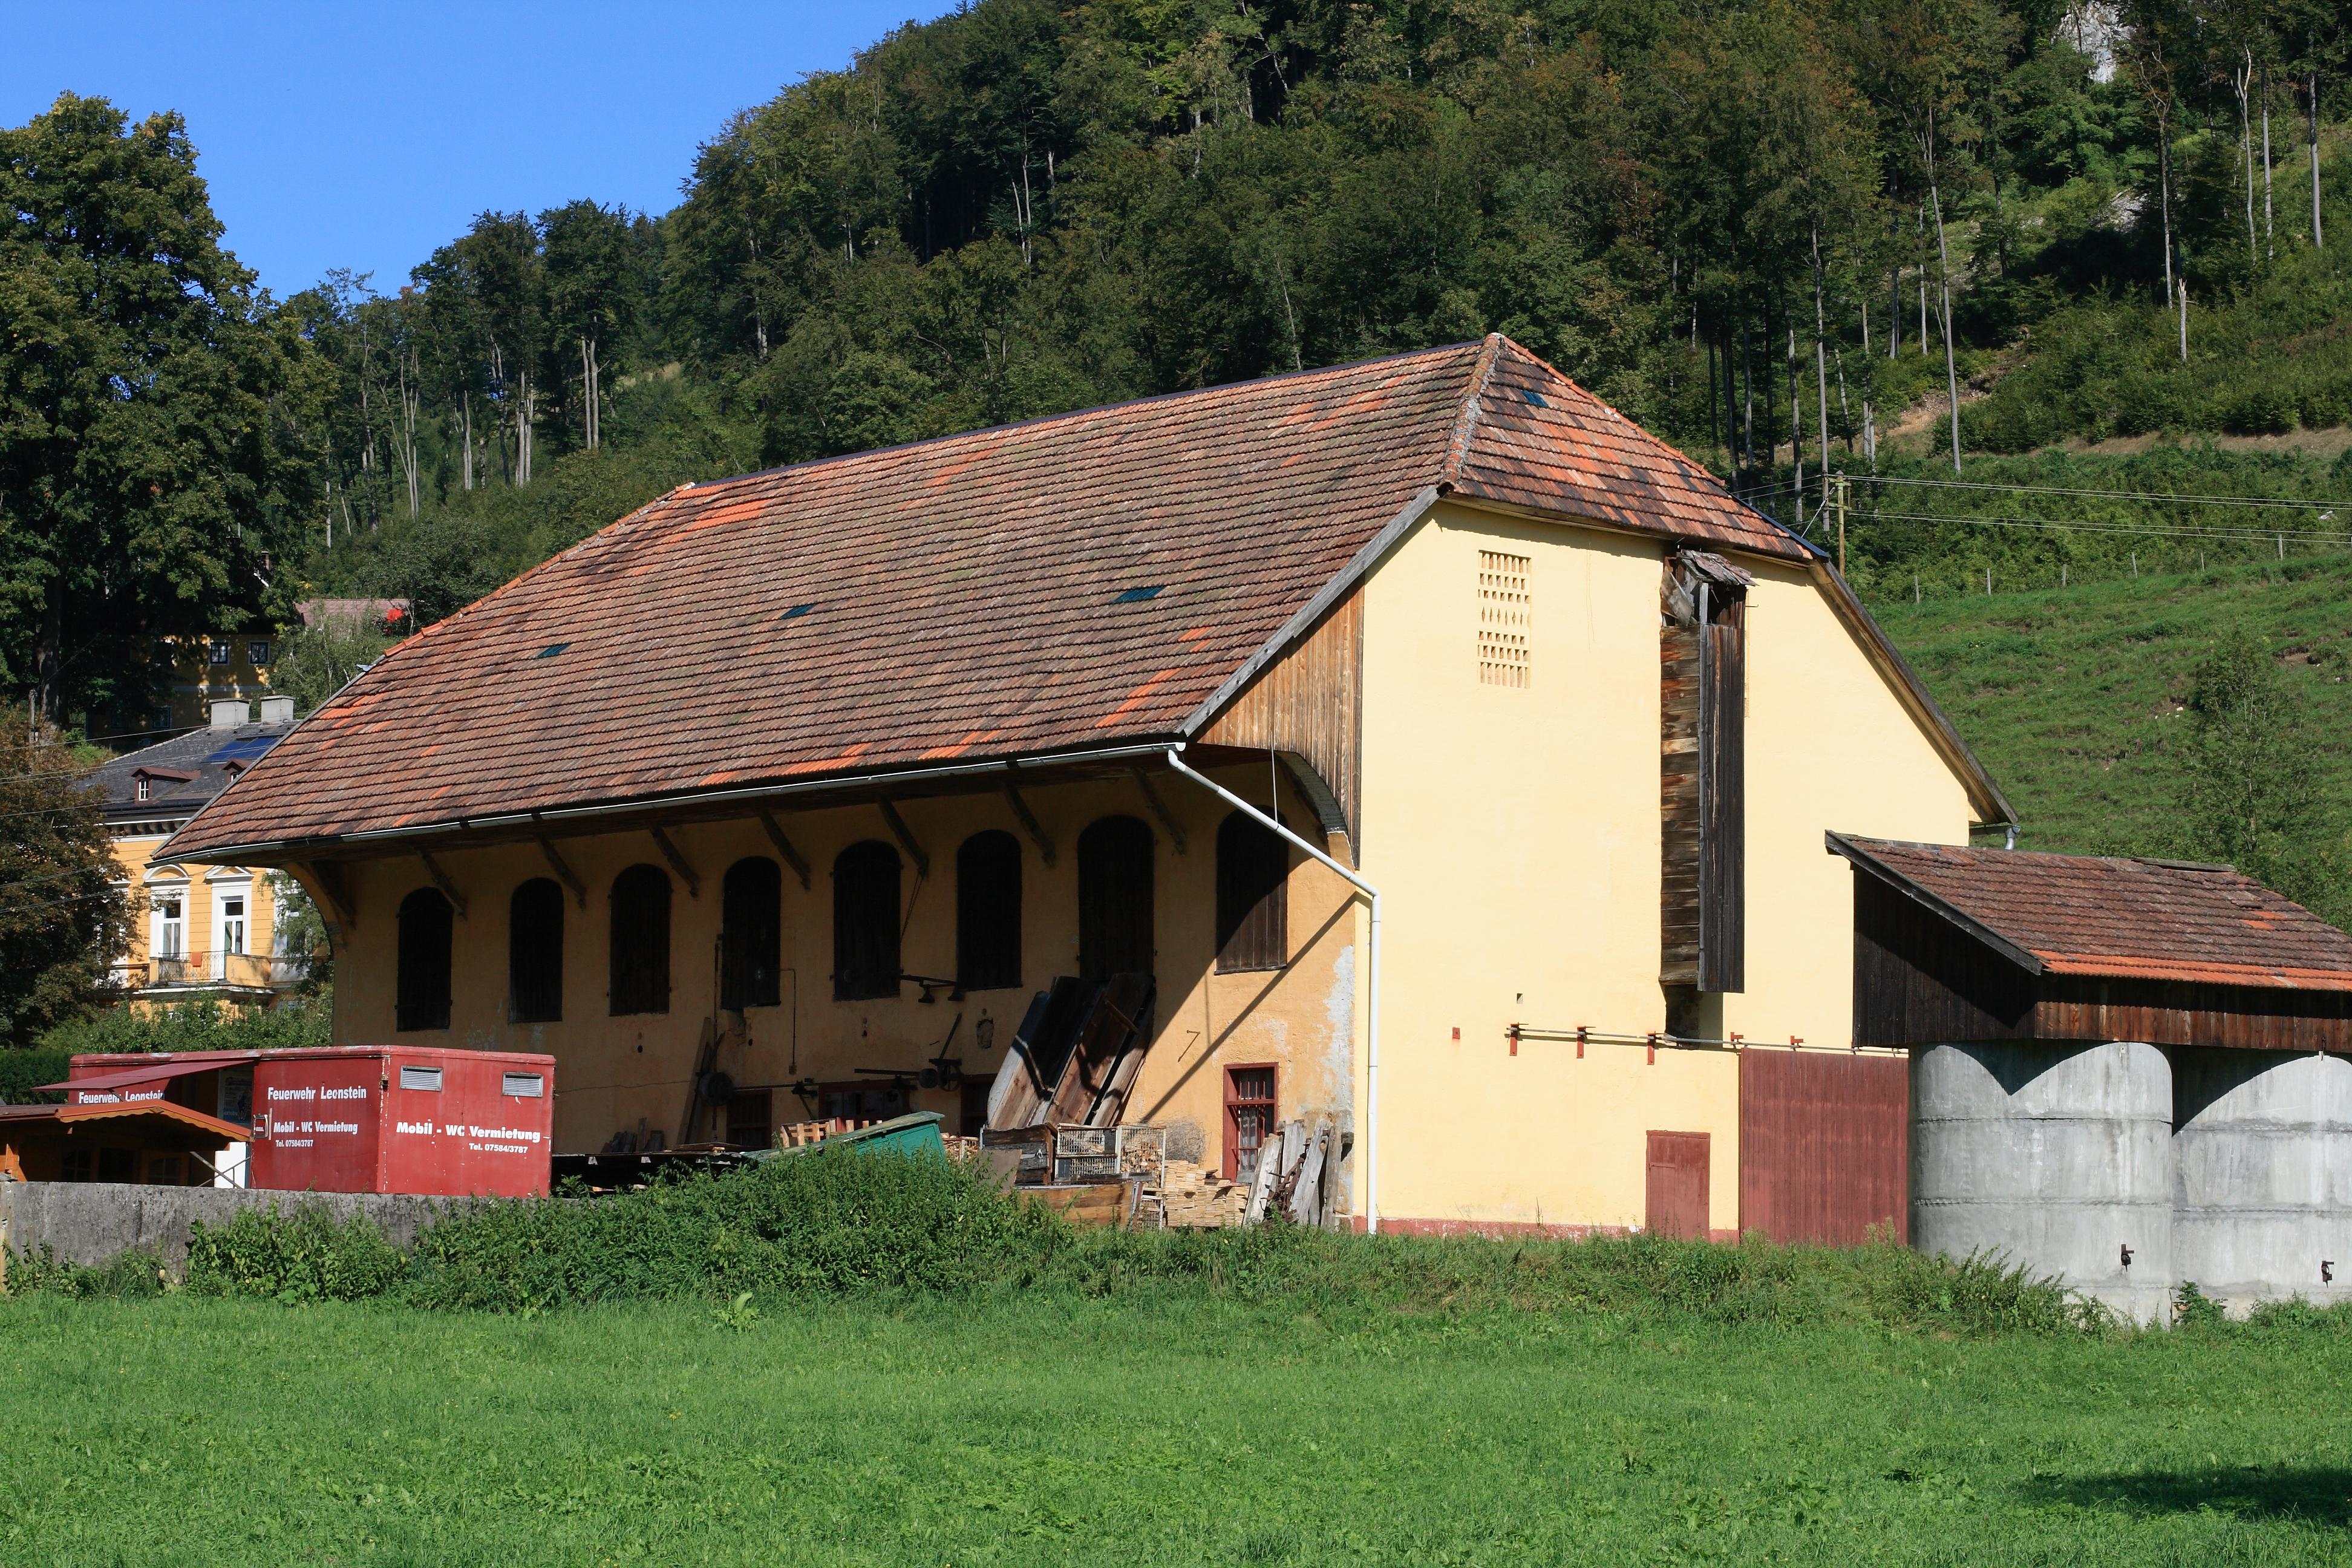 Datei:Ensemble Schmiedleithen - Kuhstall.png - Kuhstall PNG